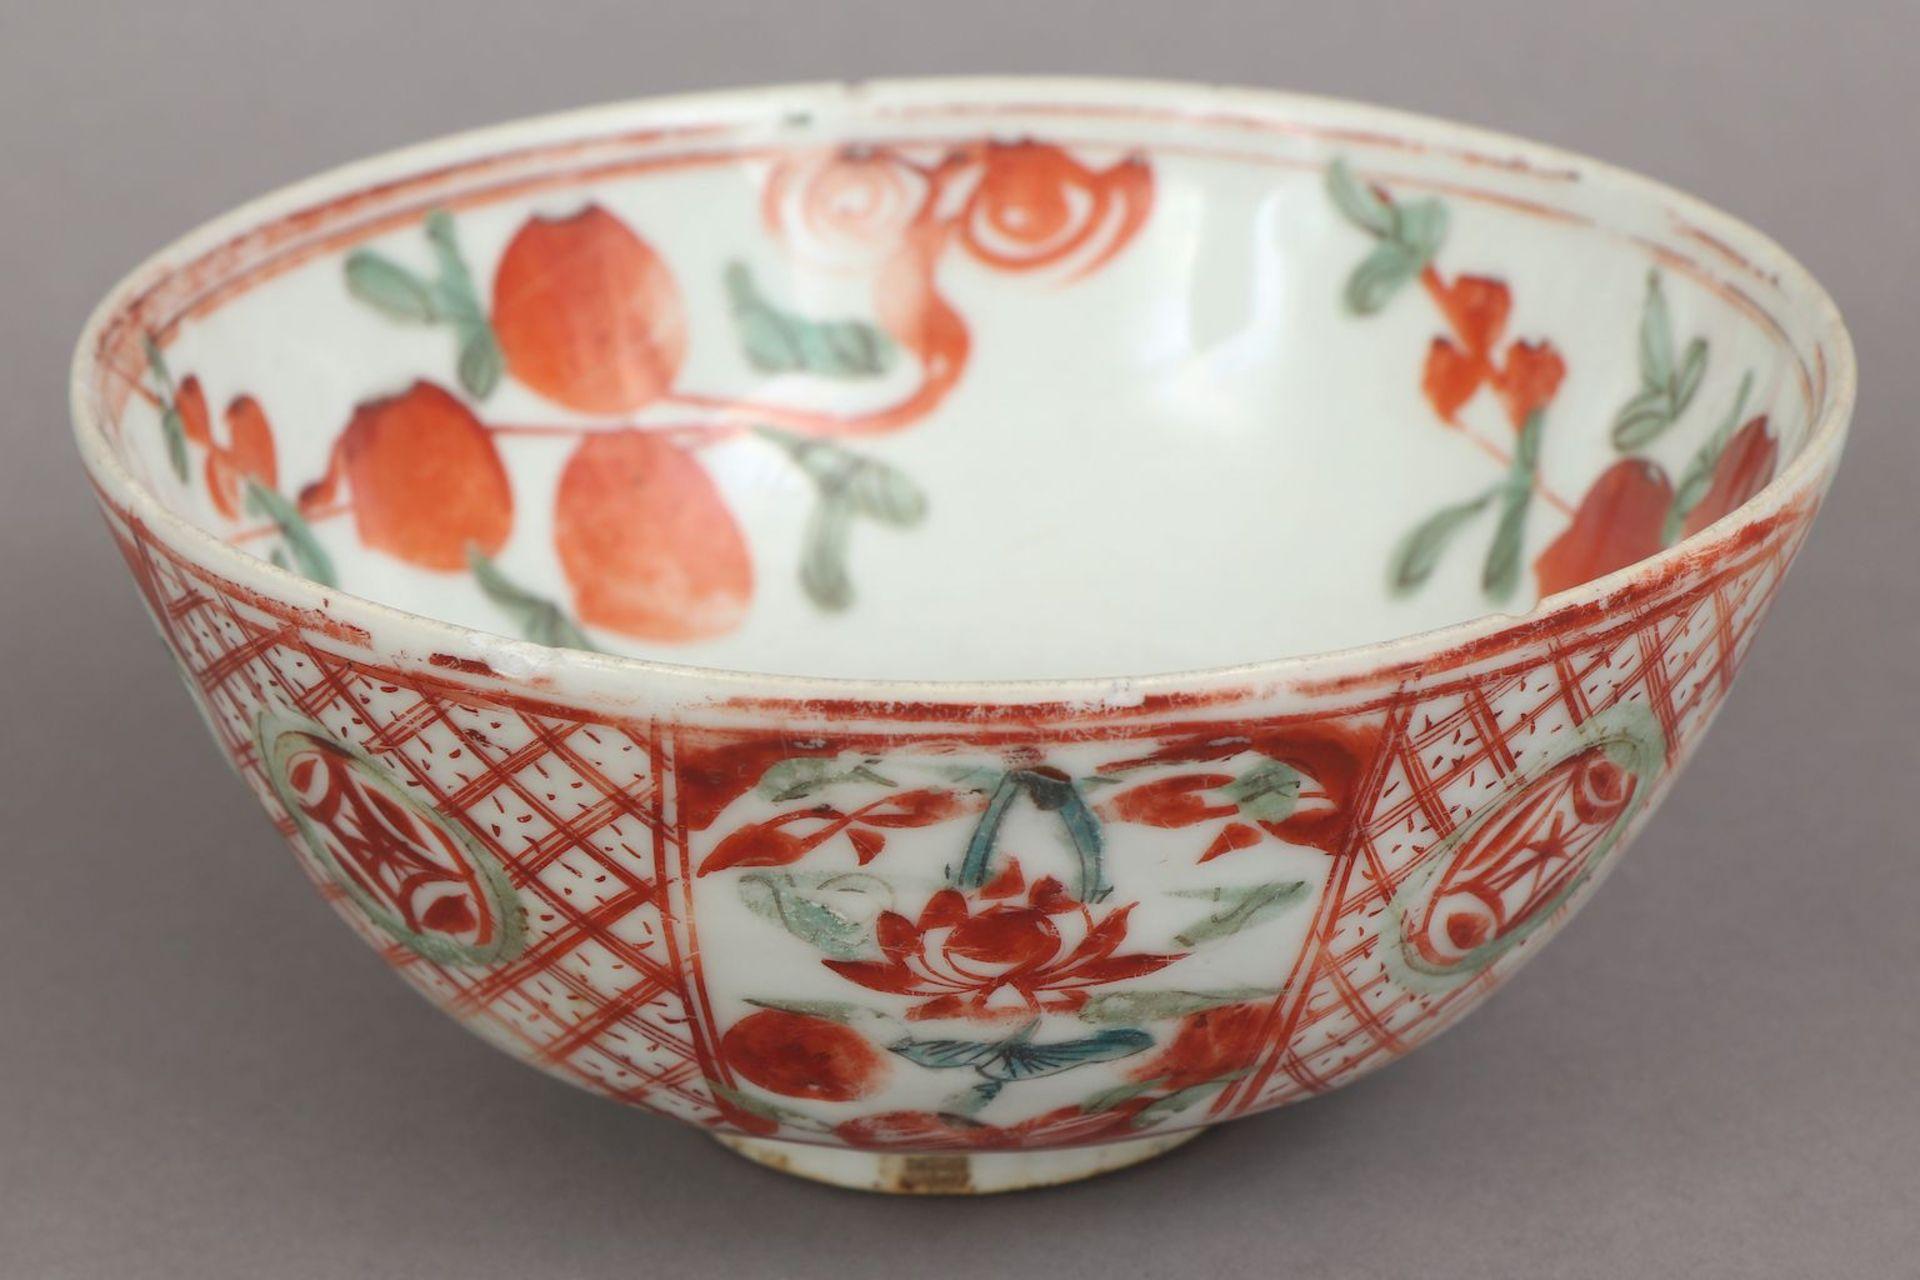 Chinesische Porzellanschale mit Pfirsichdekor